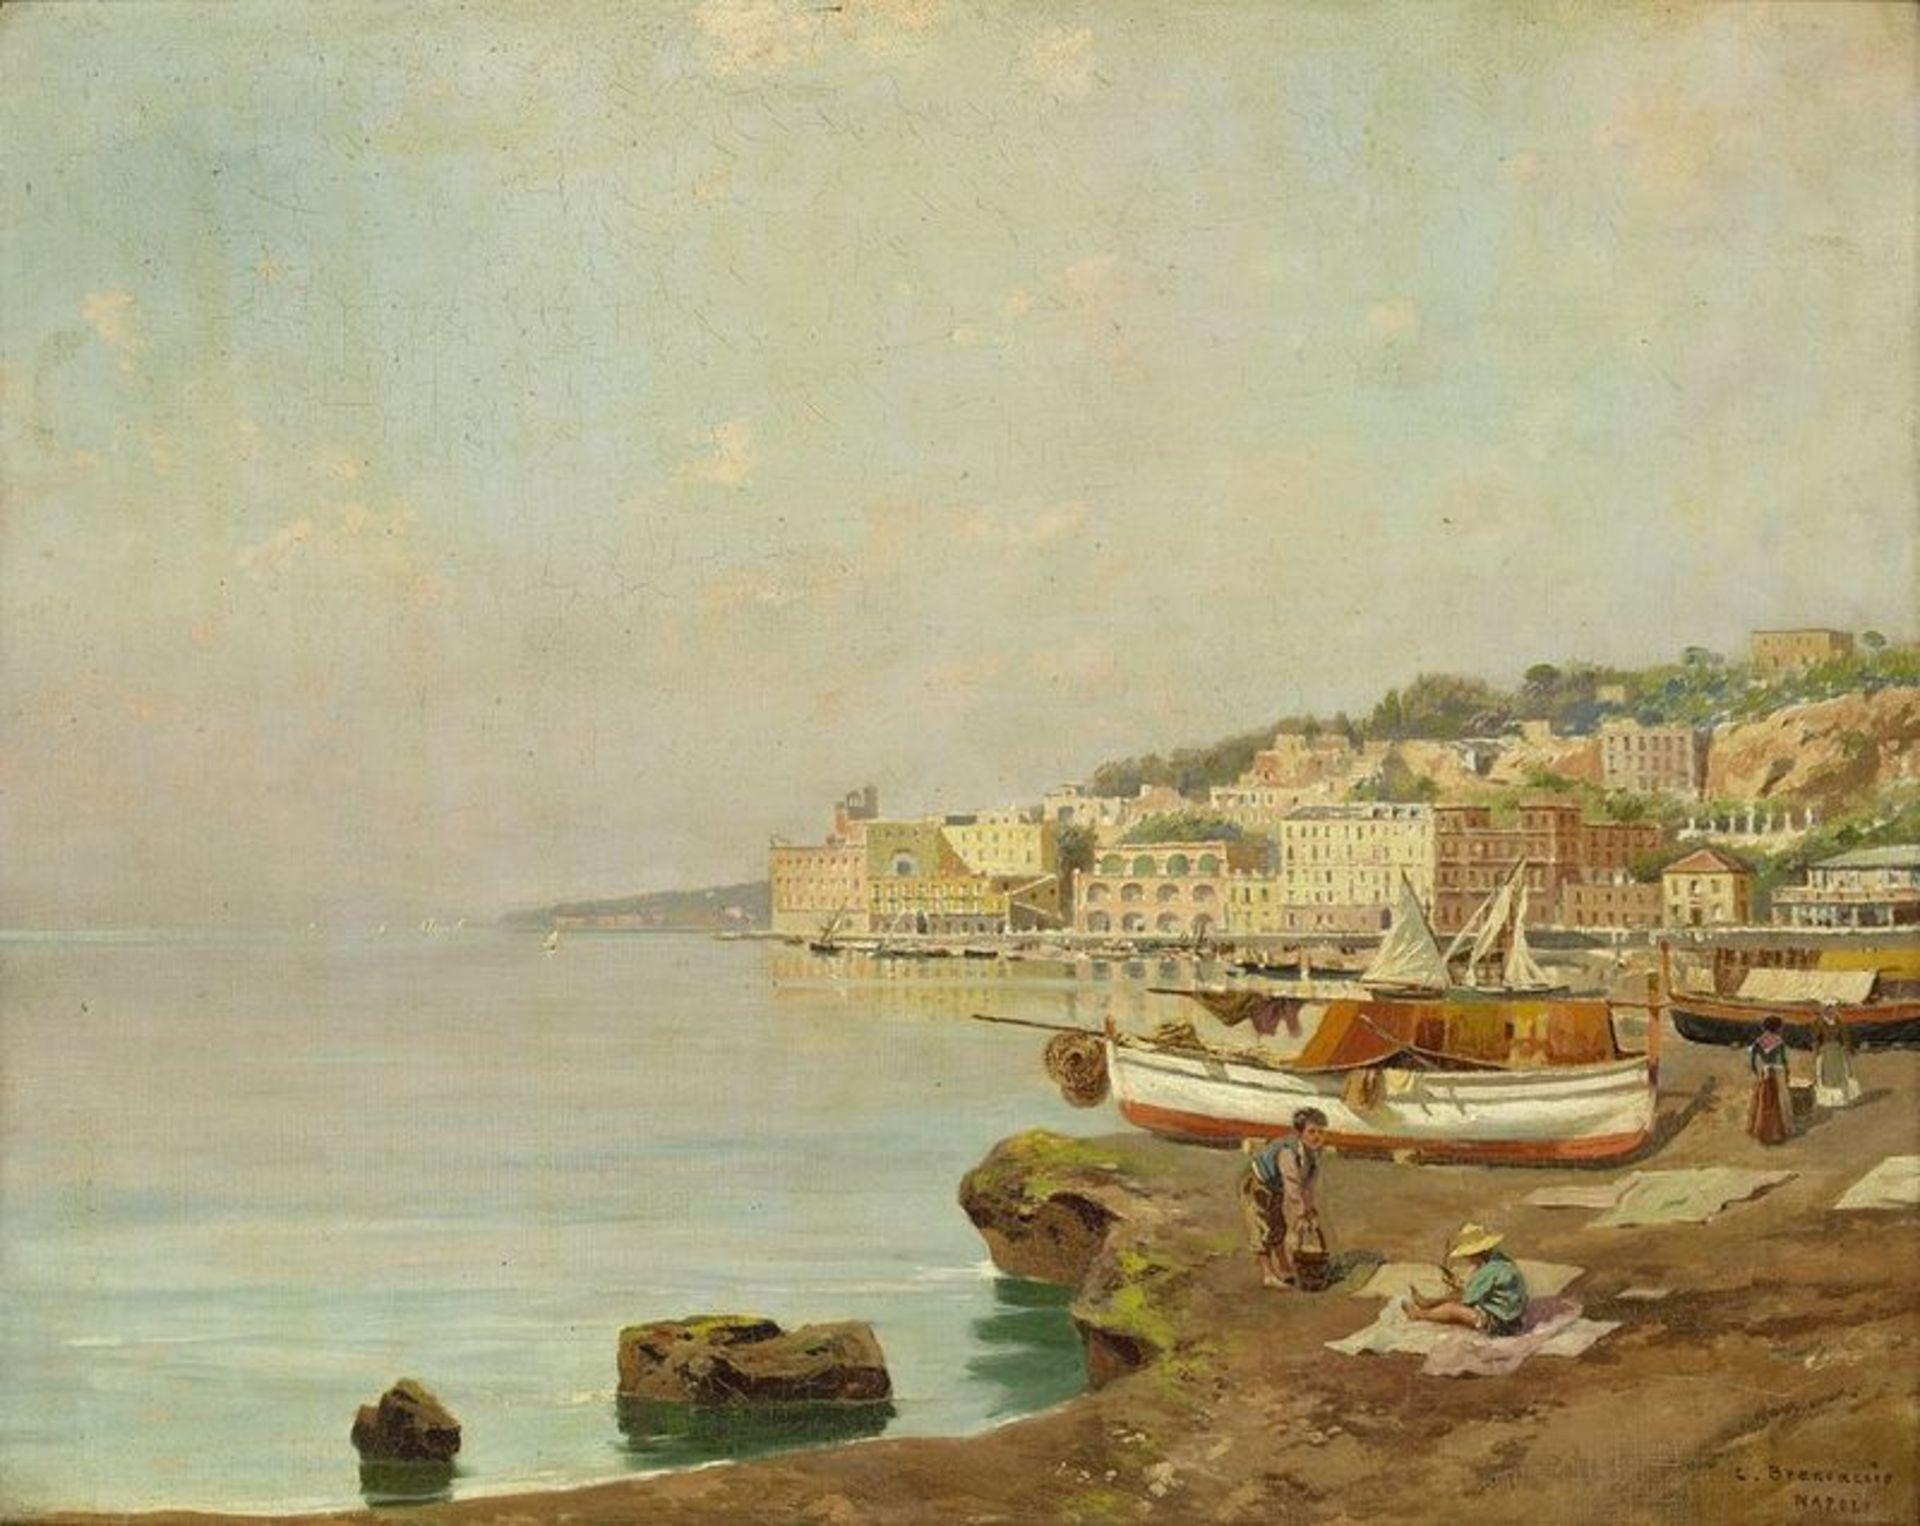 Los 504 - Carlo BRANCACCIO (1861-1920) View of Naples - Signed and inscribed 'C Brancaccio [...]